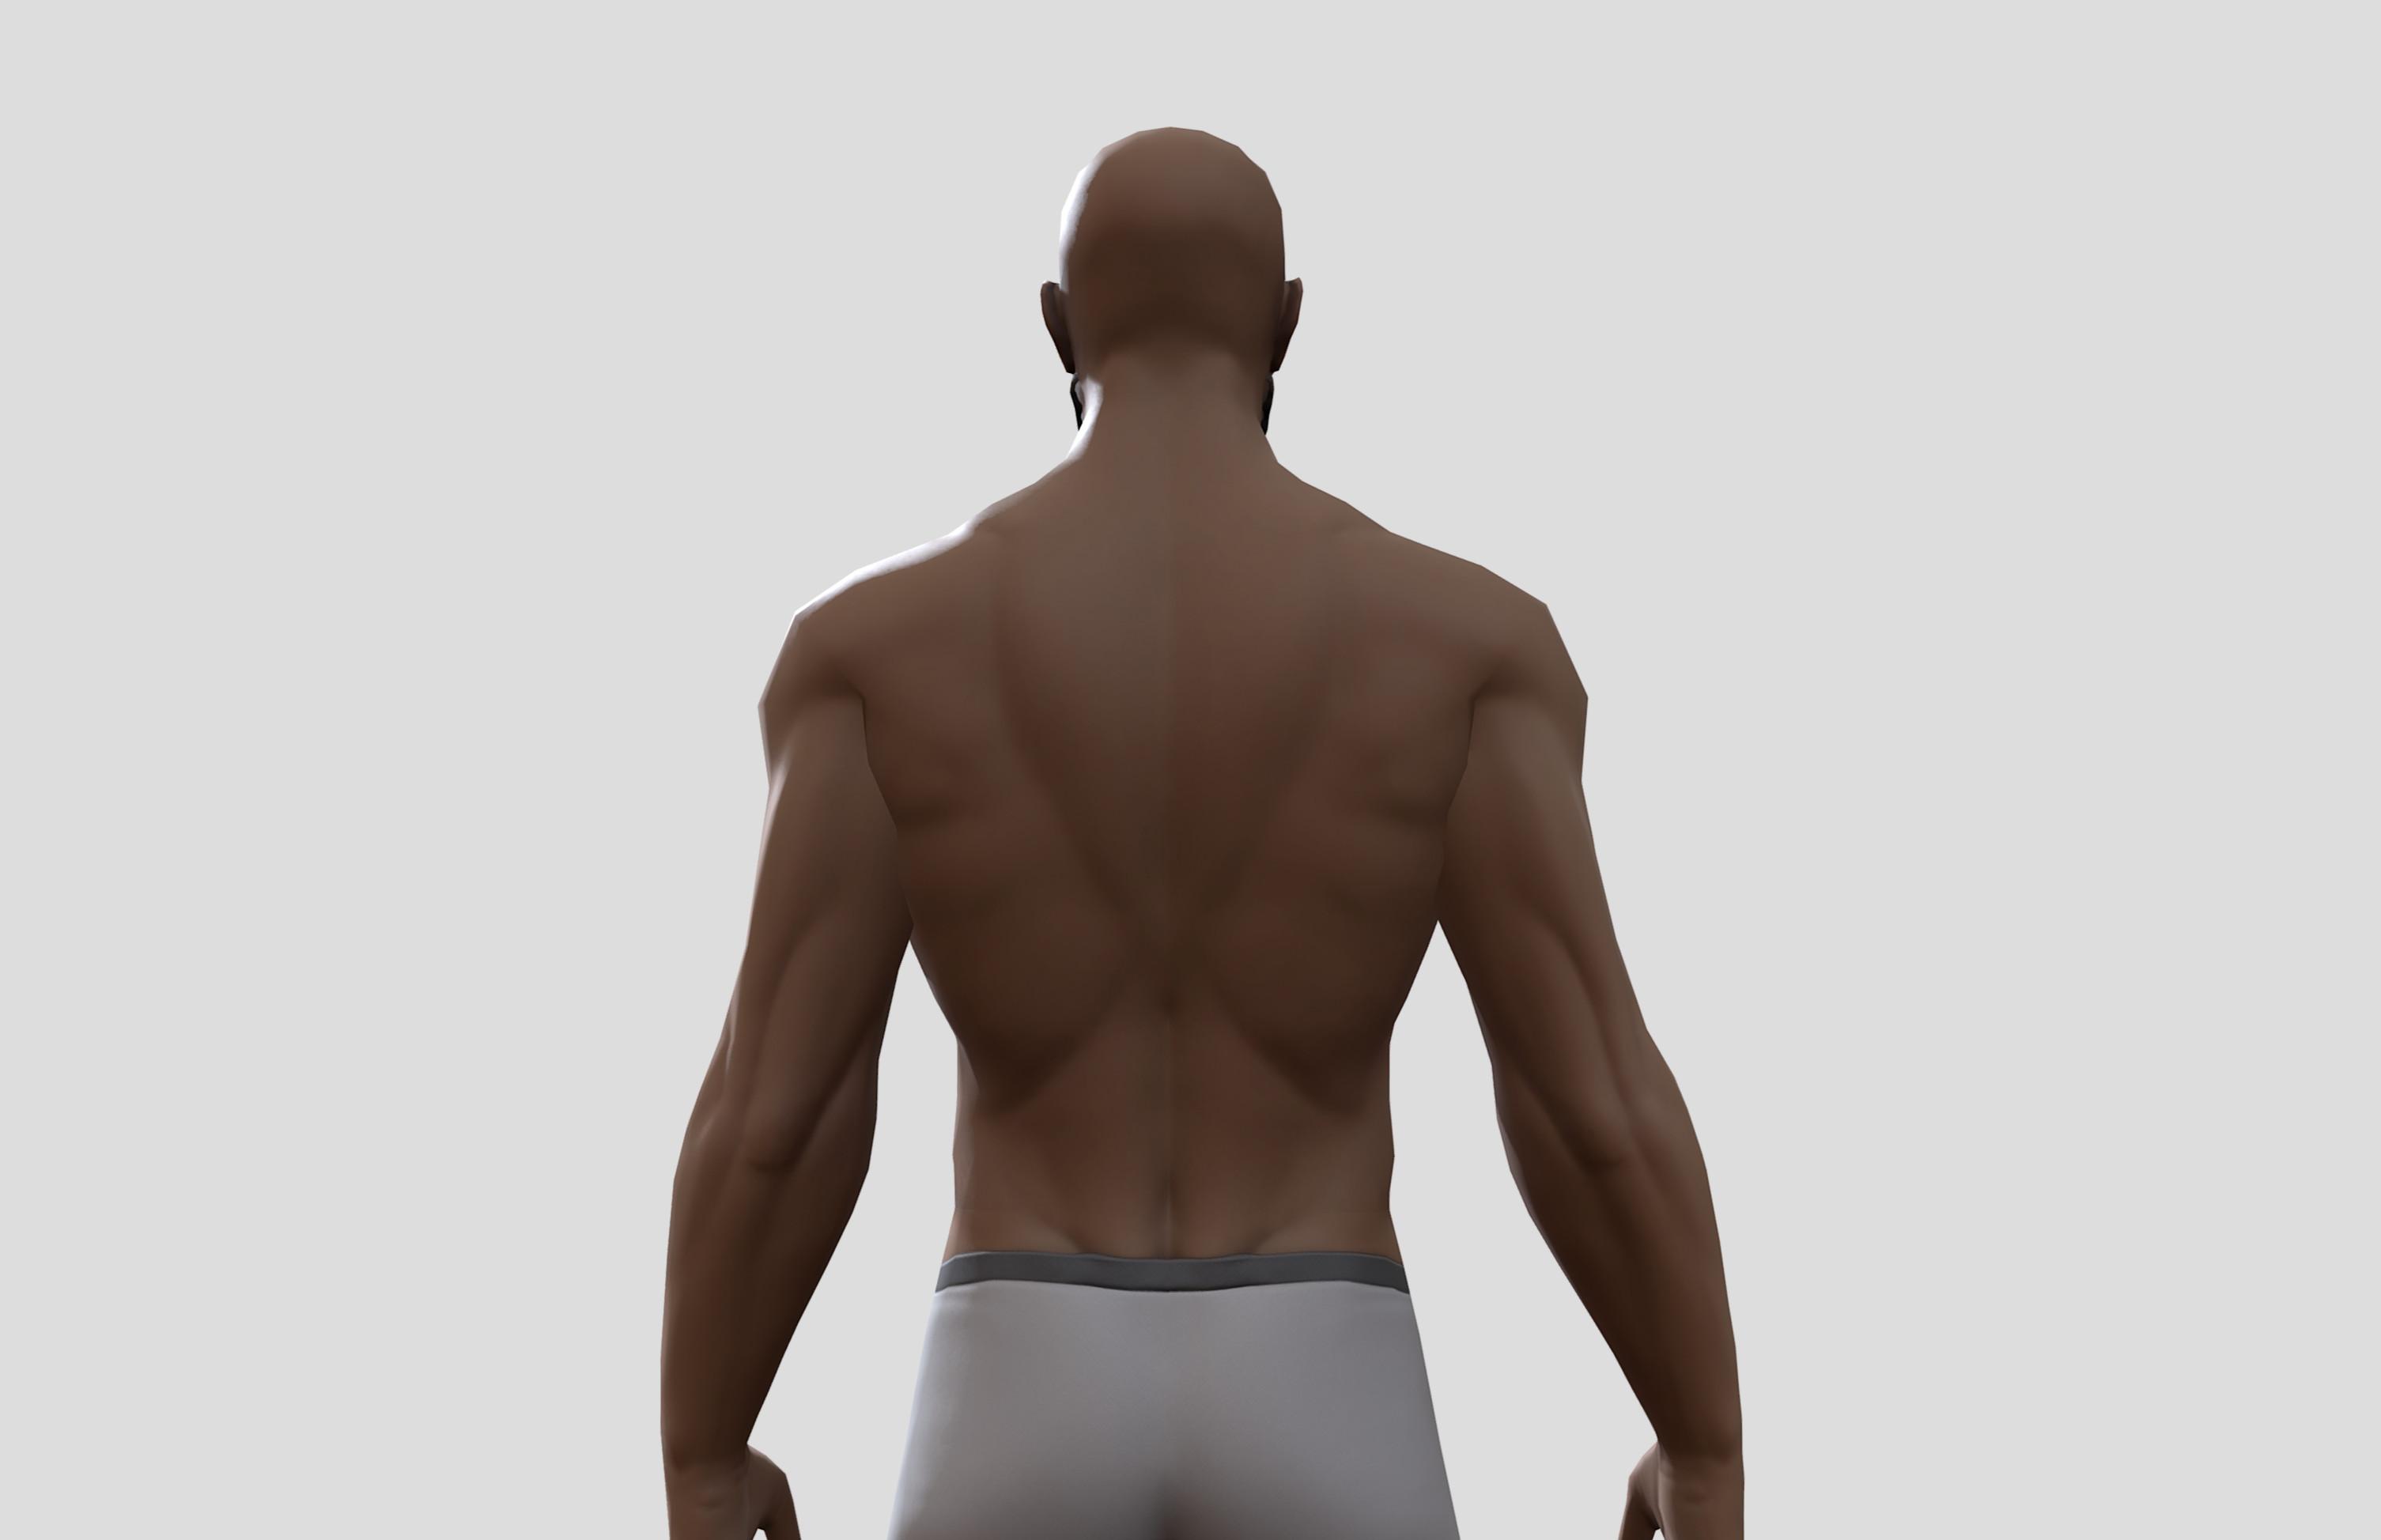 basemesh character back